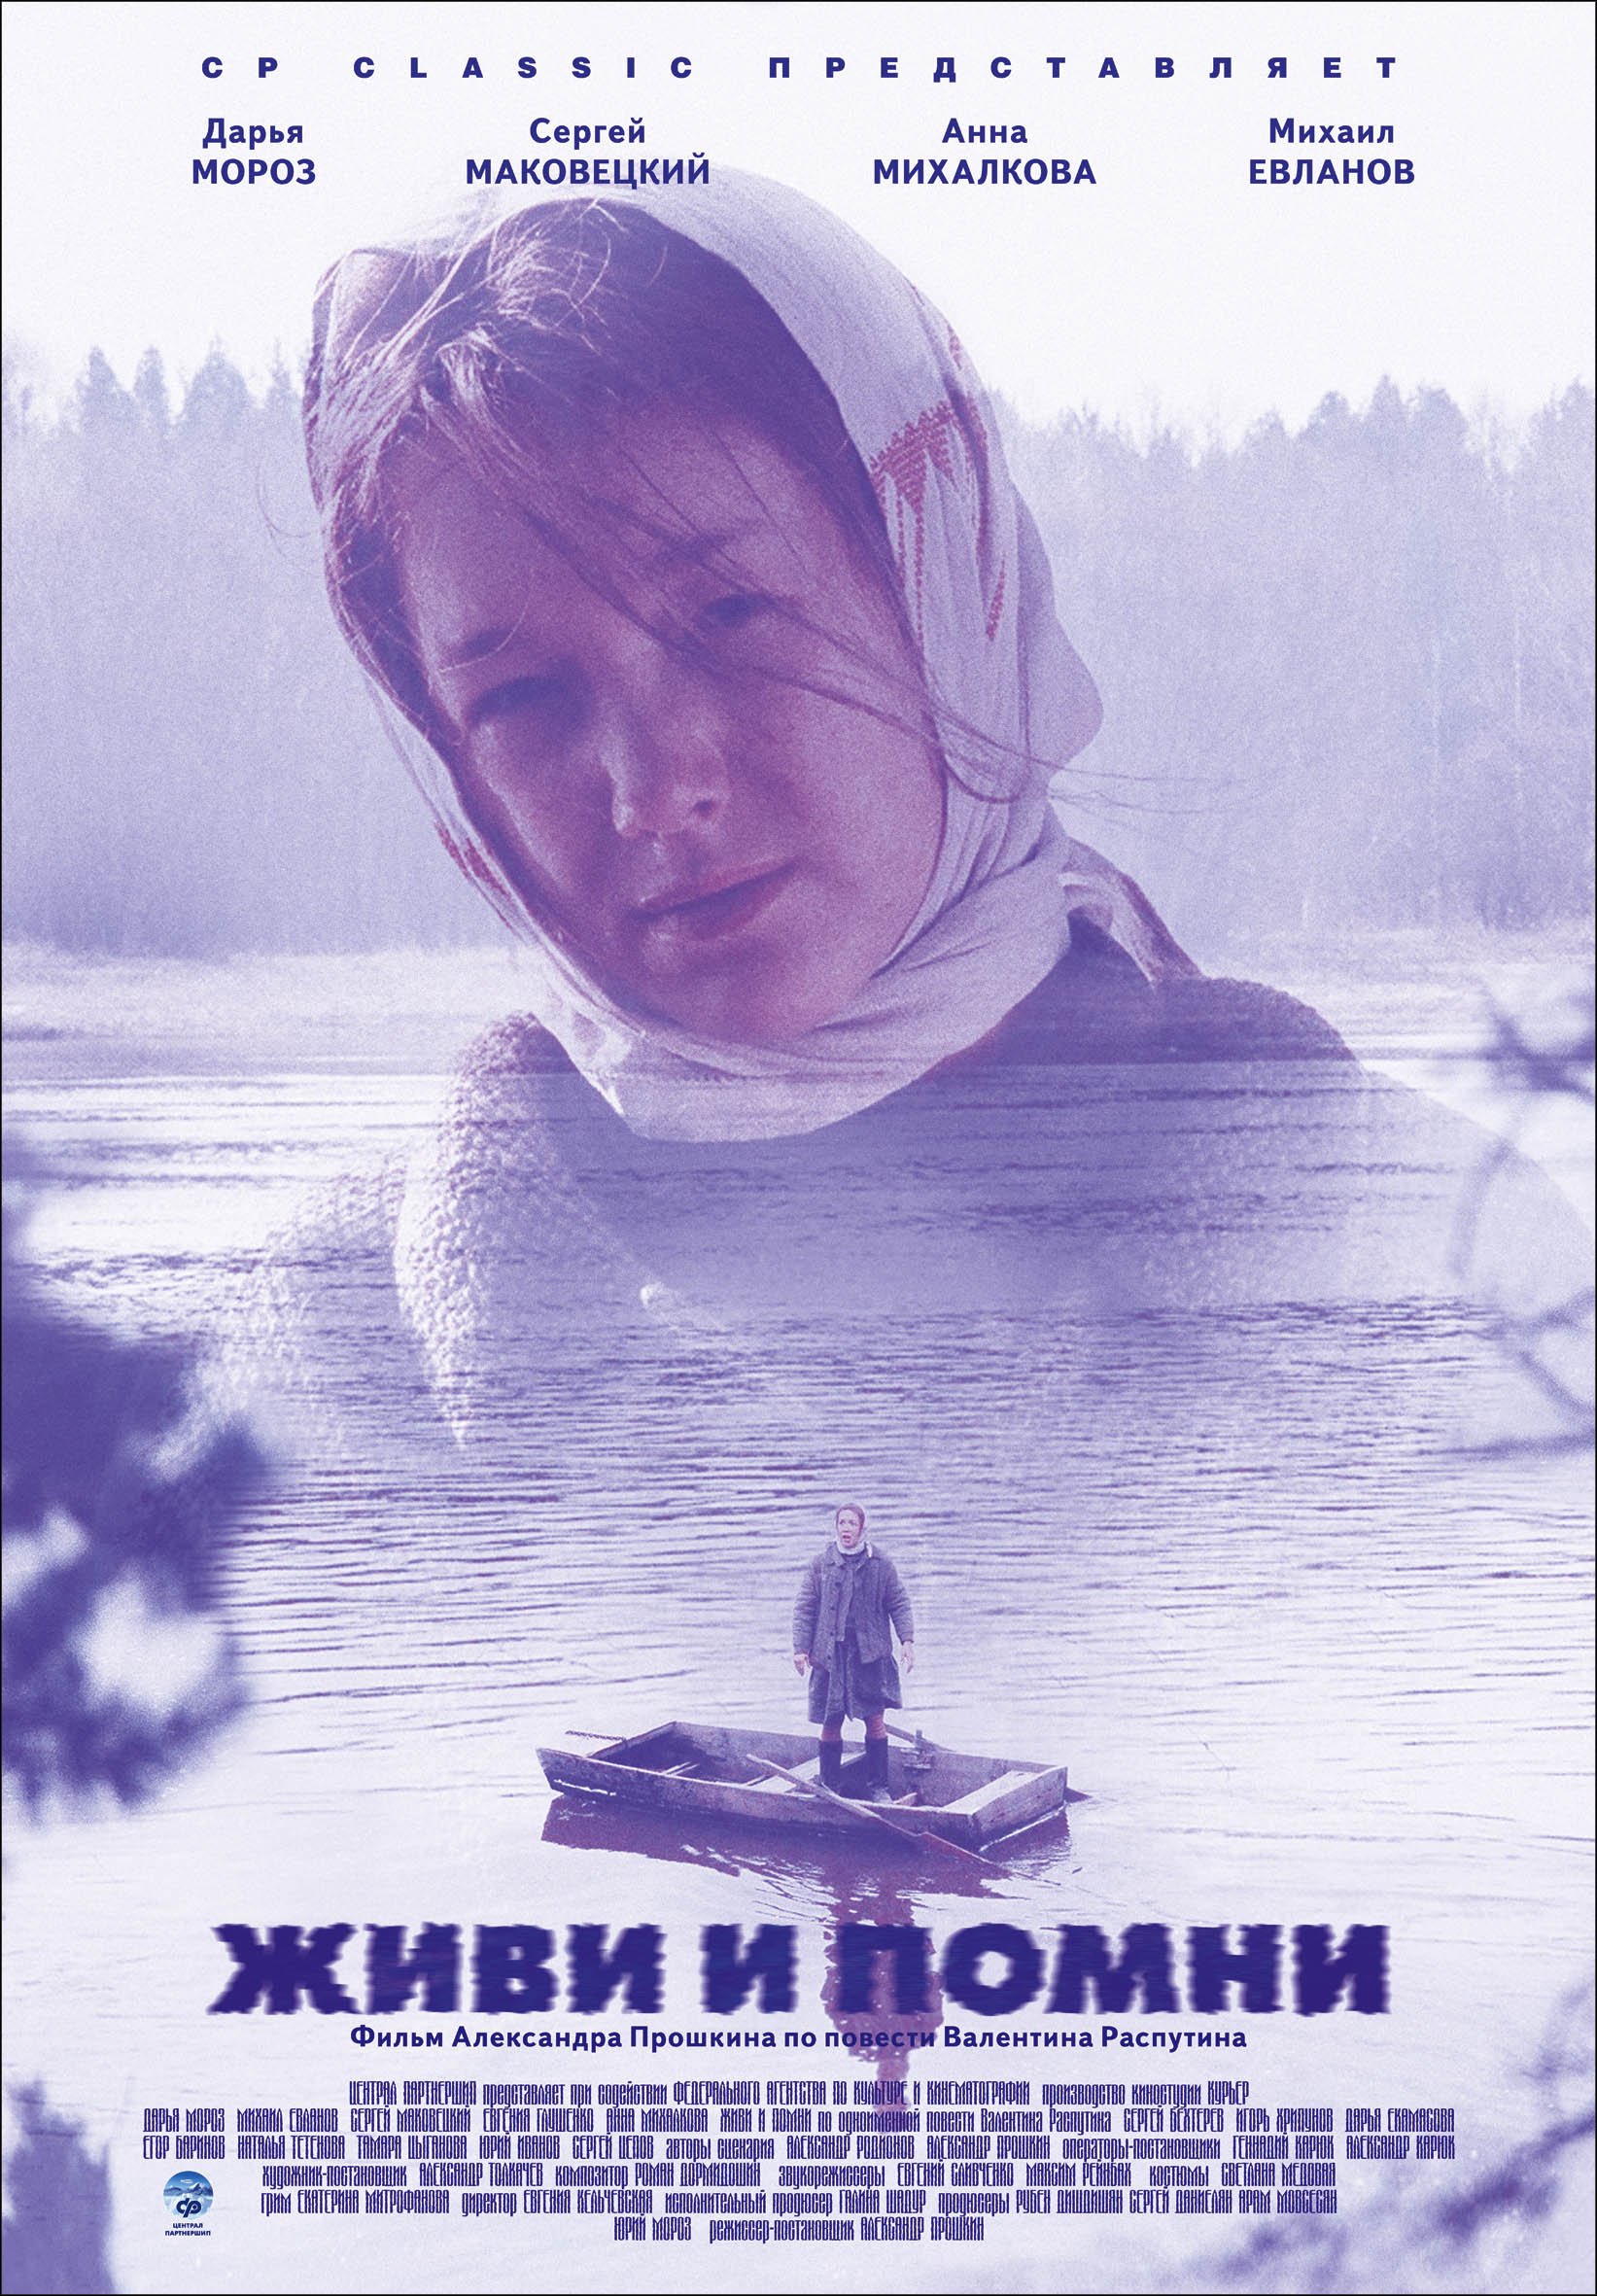 Живи и помни, Россия, 2008, DVDRip, торрент, магнет-ссылка, 16+